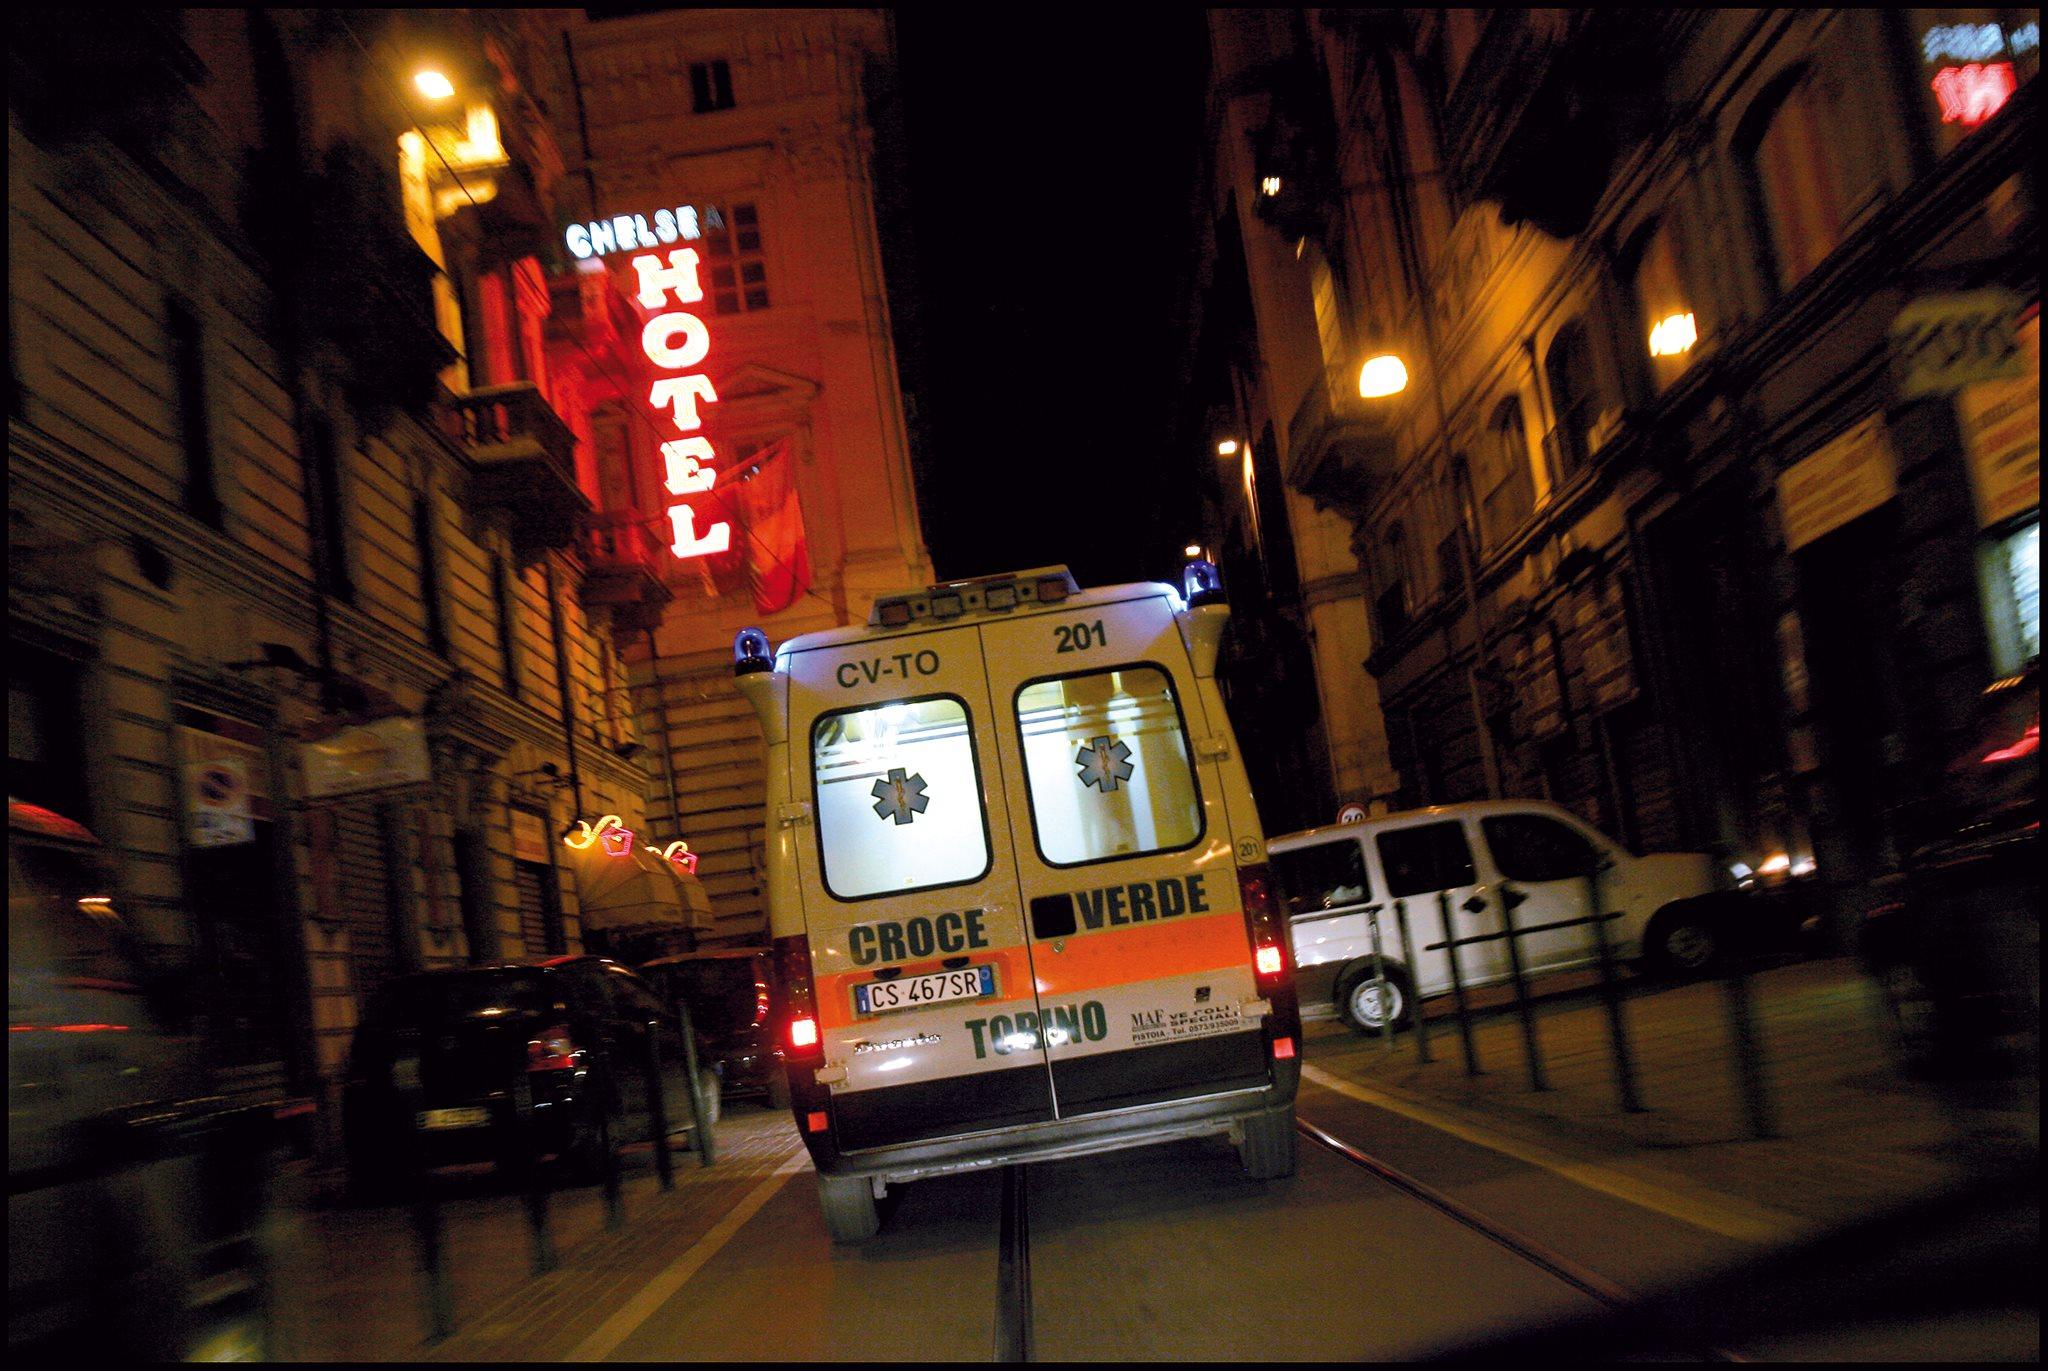 Storia delle associazioni d'Italia - La Croce Verde di Torino | Emergency Live 24